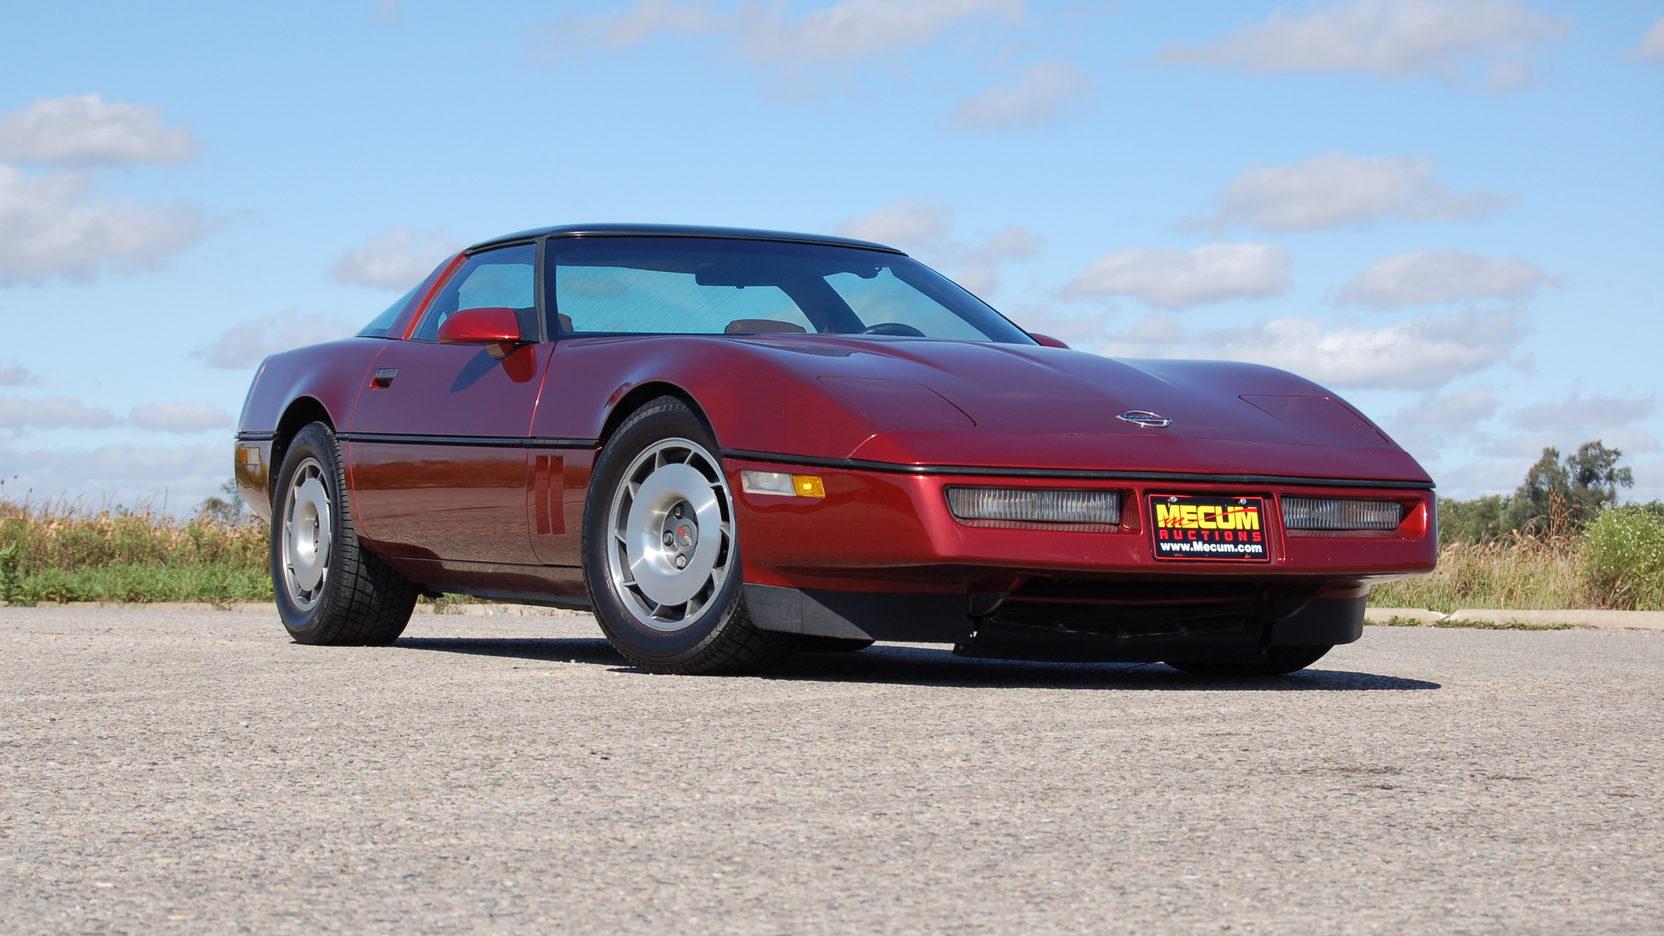 1987 Chevrolet Corvette front 3/4